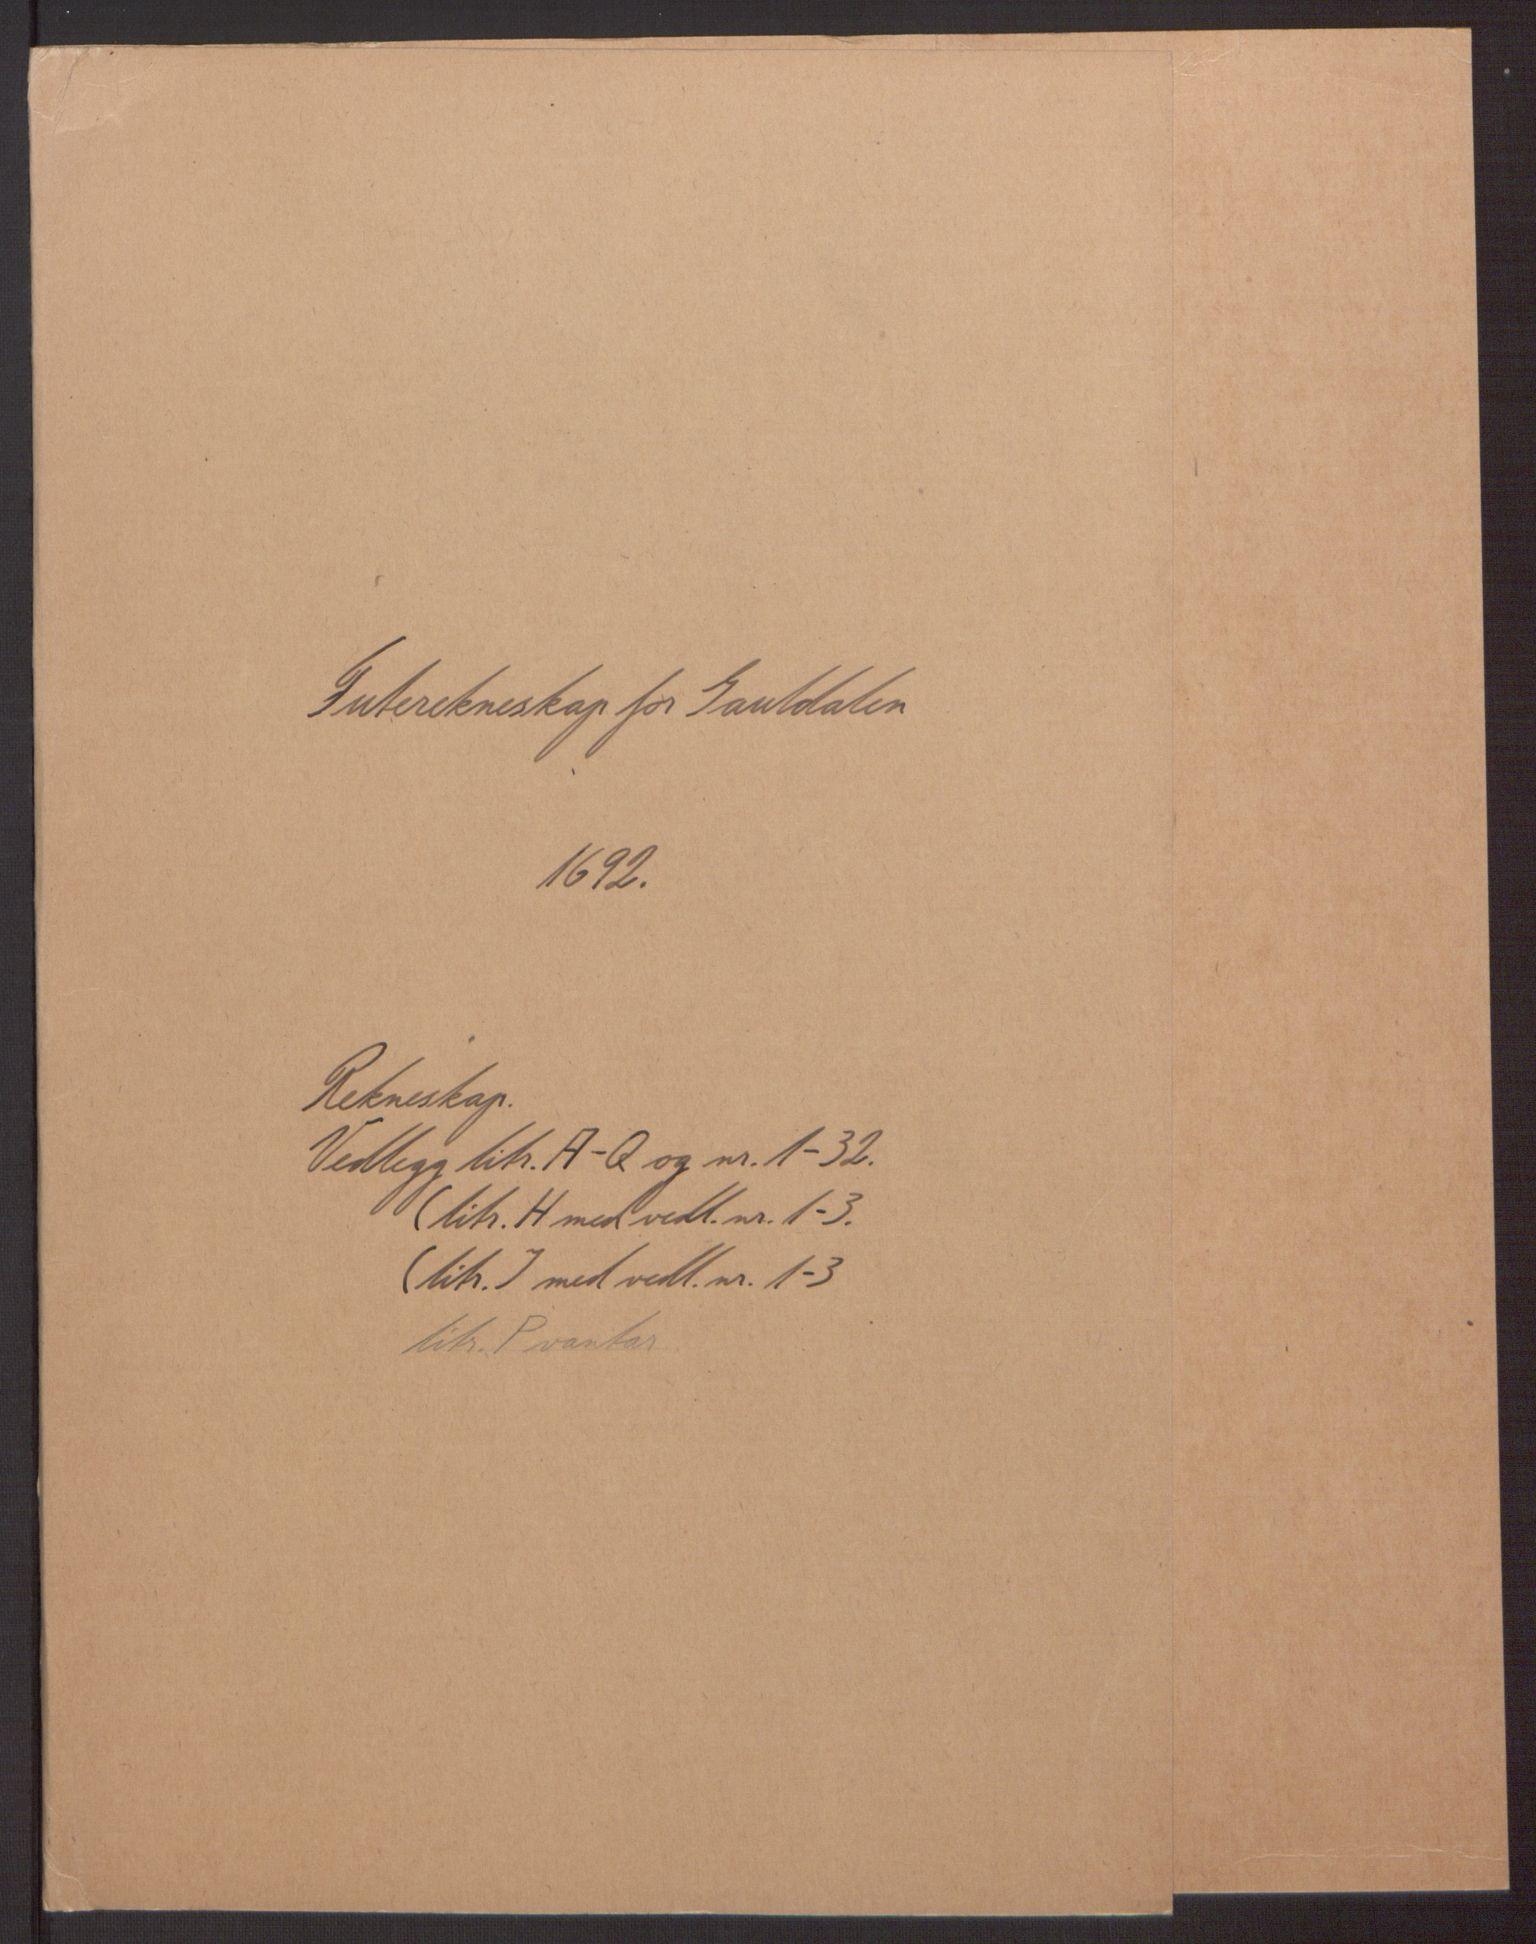 RA, Rentekammeret inntil 1814, Reviderte regnskaper, Fogderegnskap, R59/L3942: Fogderegnskap Gauldal, 1692, s. 2